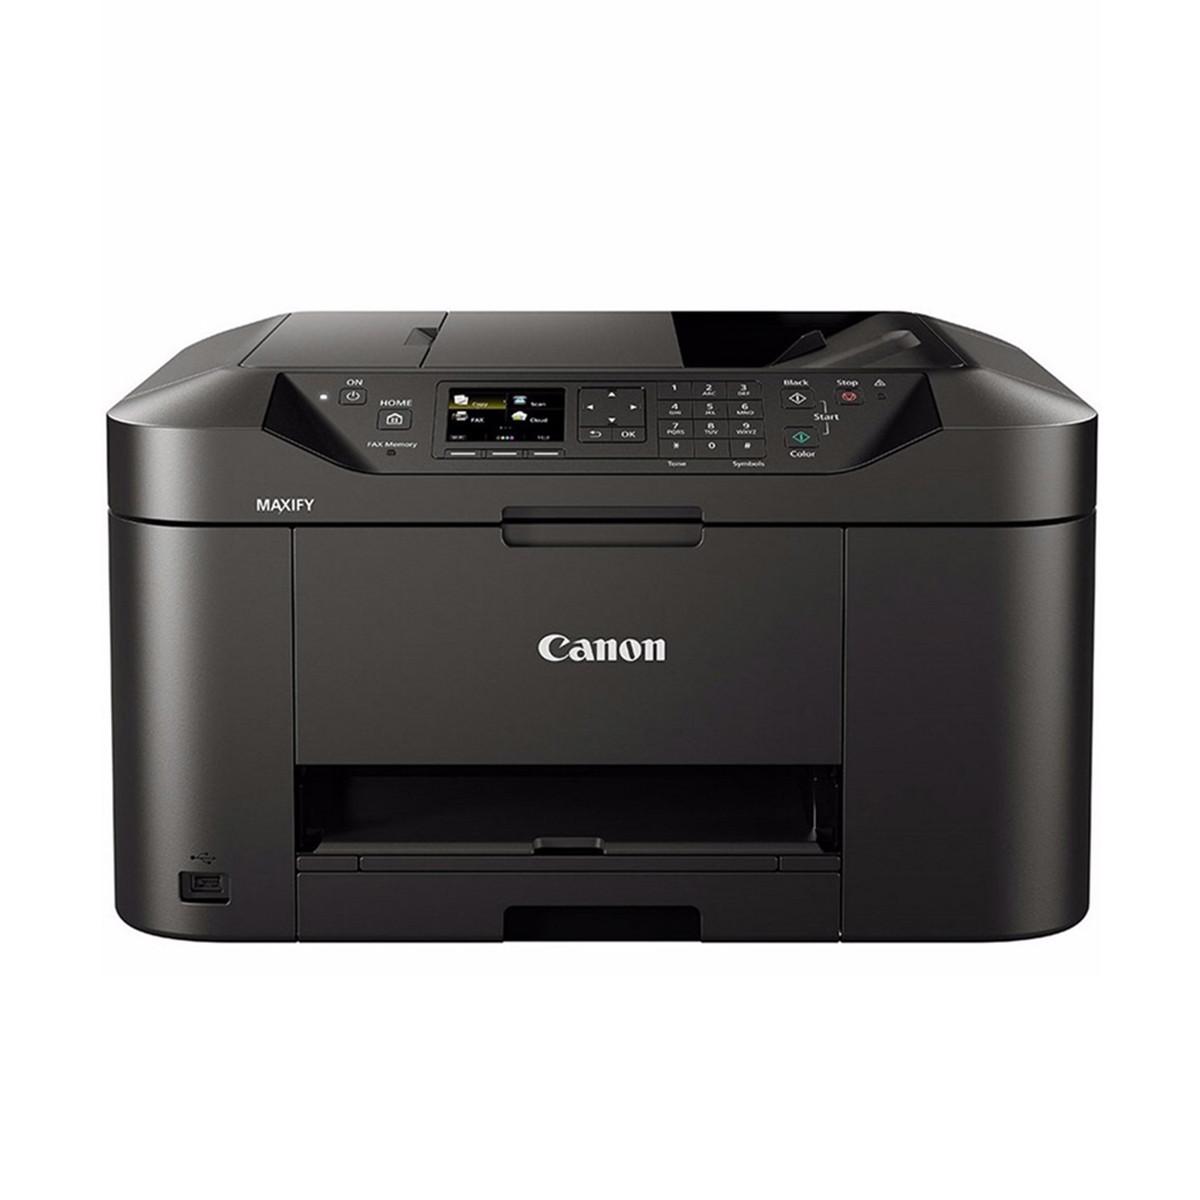 Impressora Canon Maxify MB2110 MB-2110 | Multifuncional Jato de Tinta com Conexão Wireless